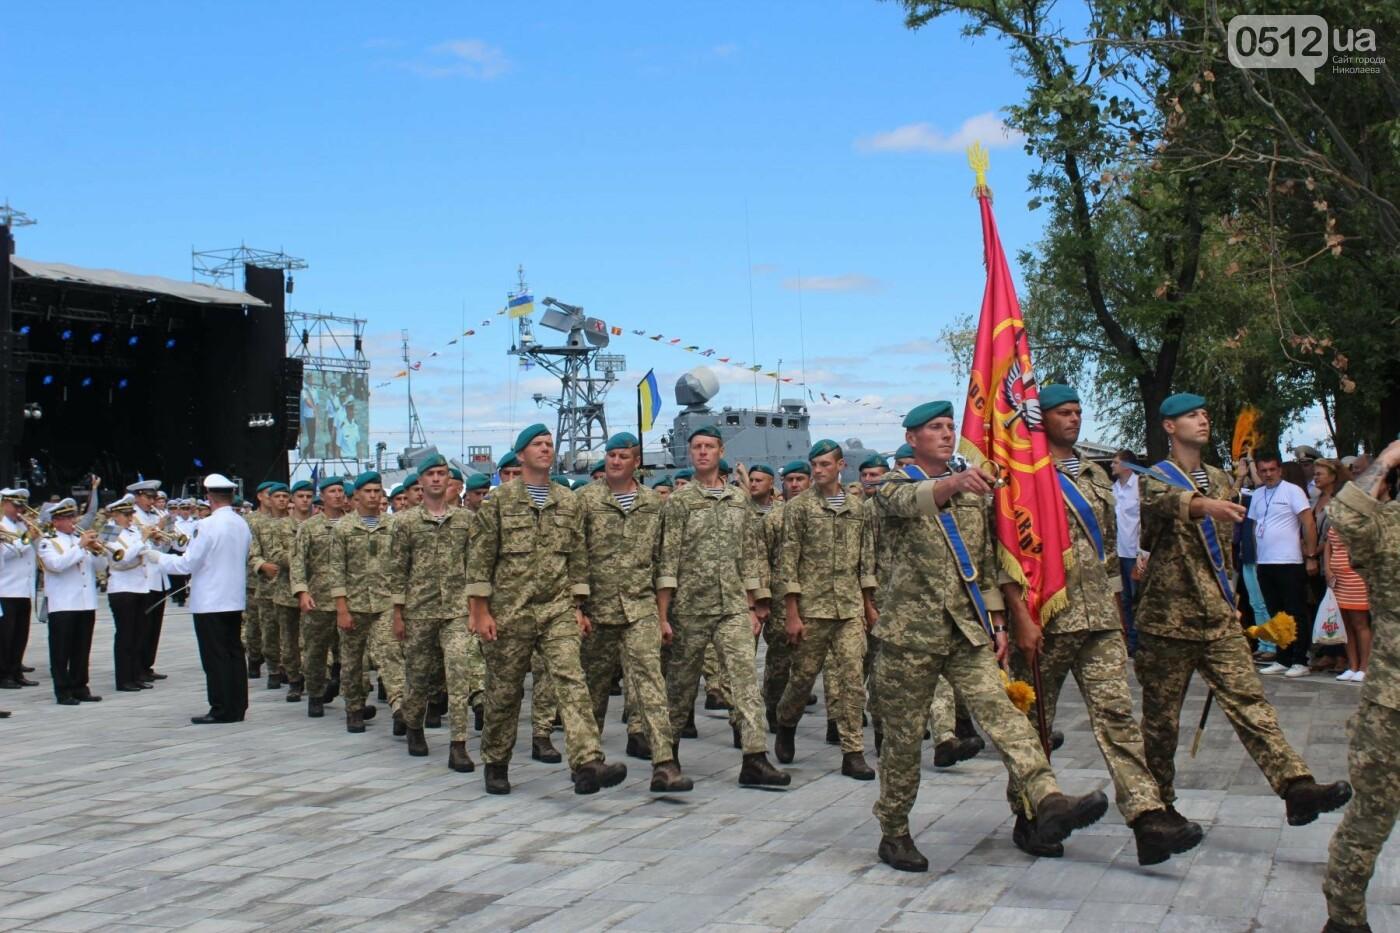 Полевая кухня, марш военных и выставка техники: как в Николаеве отмечали День ВМС Украины, фото-26